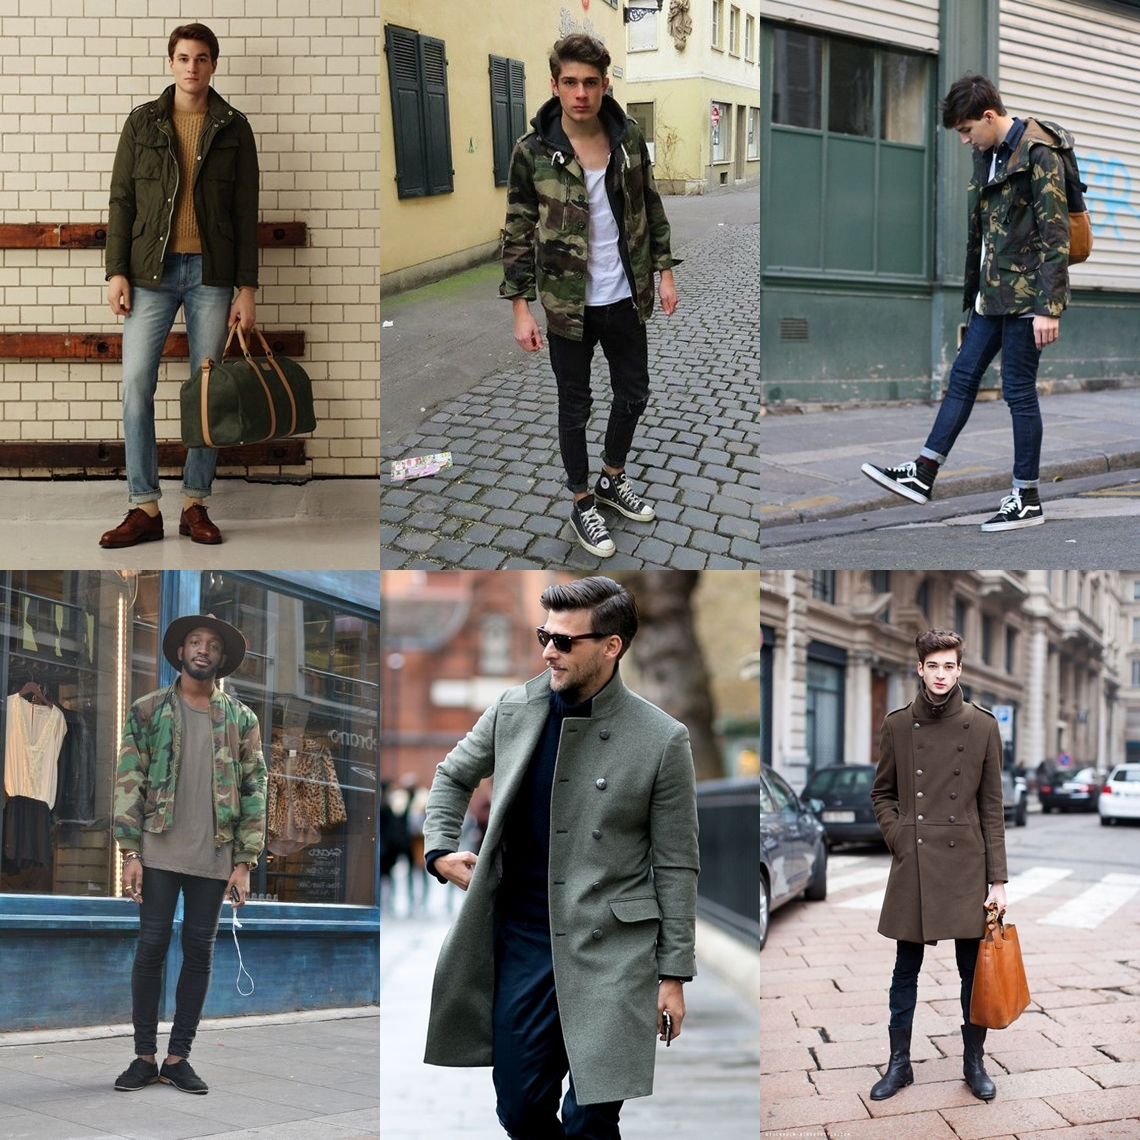 jaqueta masculina, qual jaqueta usar, como usar jaqueta masculina, dicas de moda, moda masculina, alex cursino, moda sem censura, blog de moda masculina, social media, fashion tips,